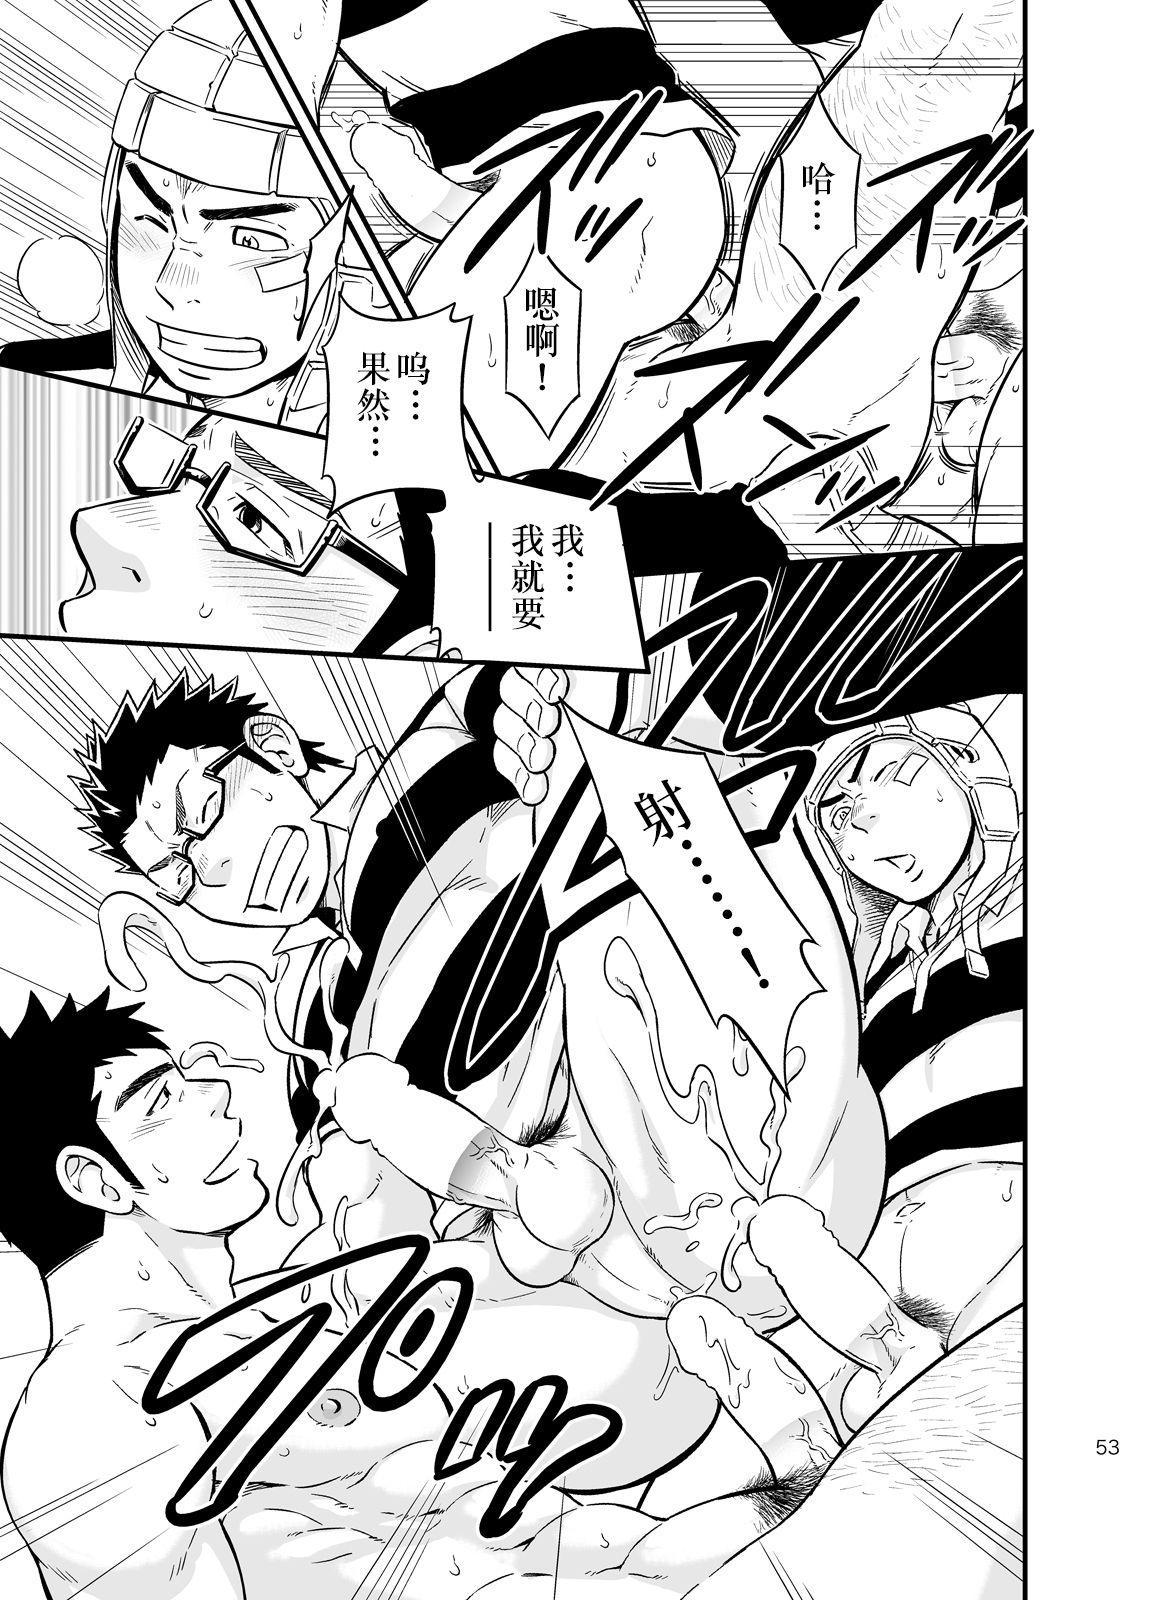 Moshimo Danshikou no Hoken Taiiku ga Jitsugi Ari Dattara 2 | 如果男校的保健体育课有实践环节的话 2 51